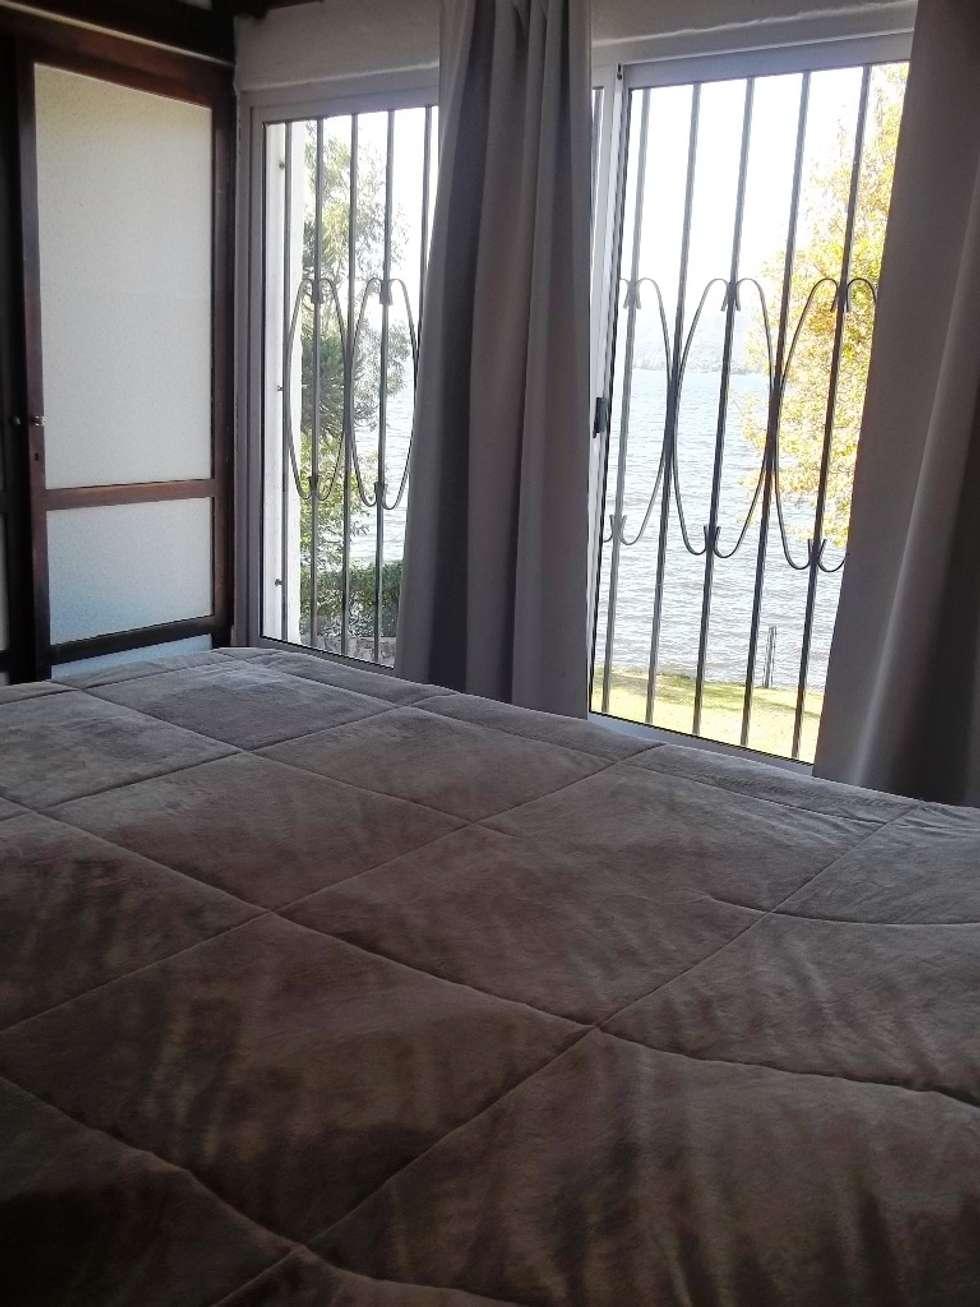 Habitación: Dormitorios de estilo clásico por Liliana almada Propiedades